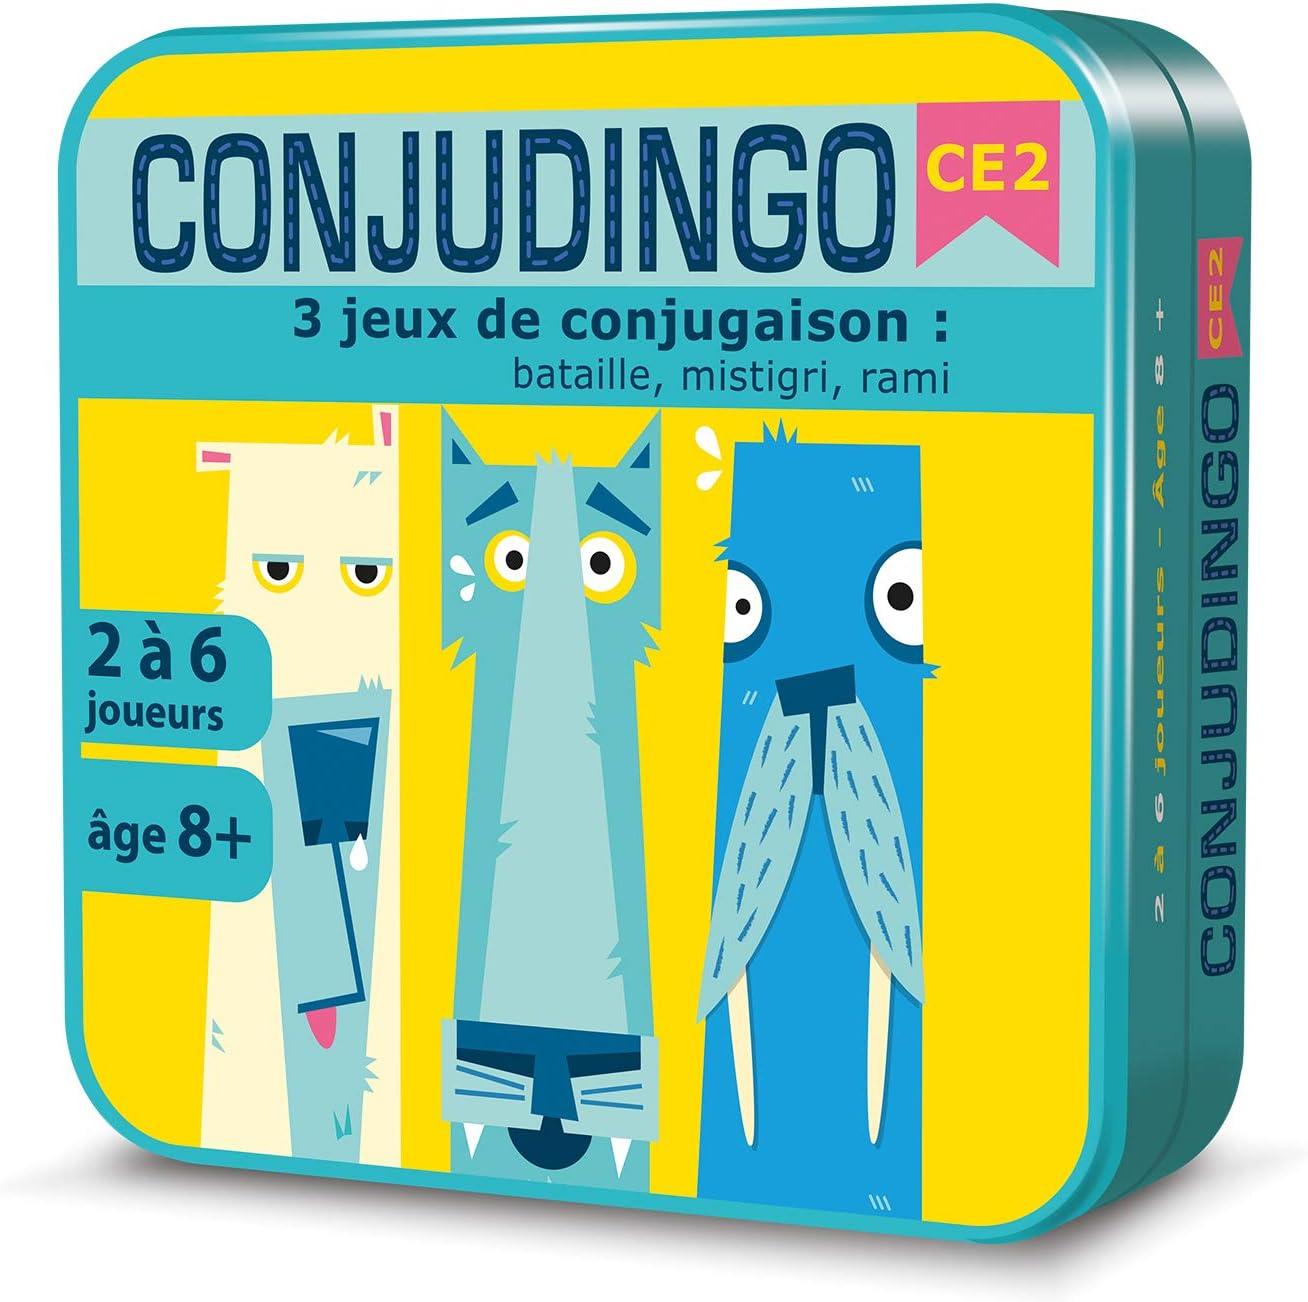 Aritma Conjudingo Ce2 Jeux De Cartes Conjugaison 8 Ans Amazon Fr Jeux Et Jouets